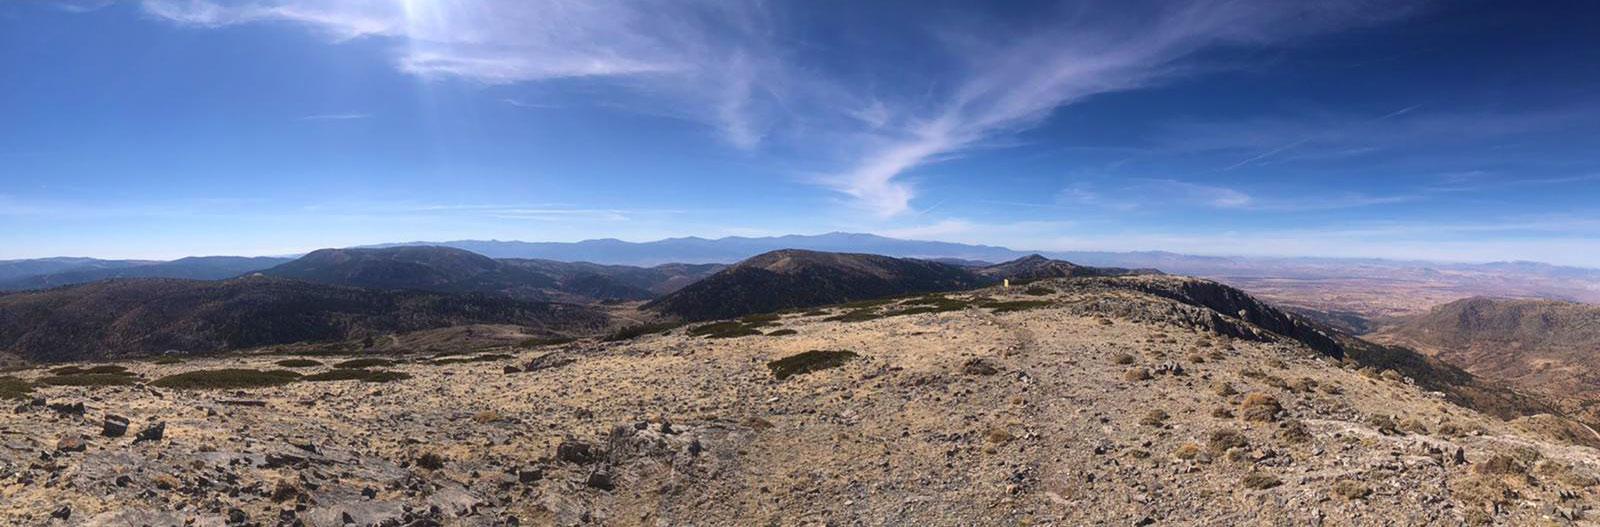 Bergtop Sierra de Baza Santa Barbara